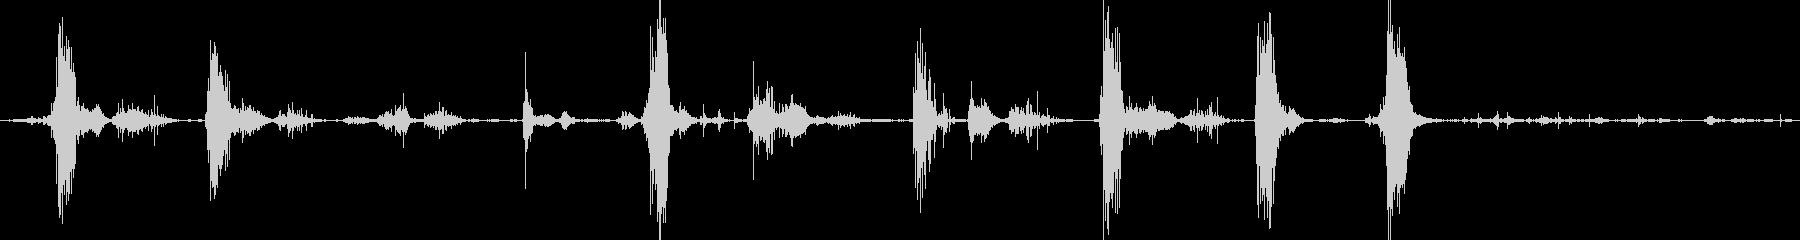 ピットブル犬の攻撃的な樹皮とうなり声の未再生の波形